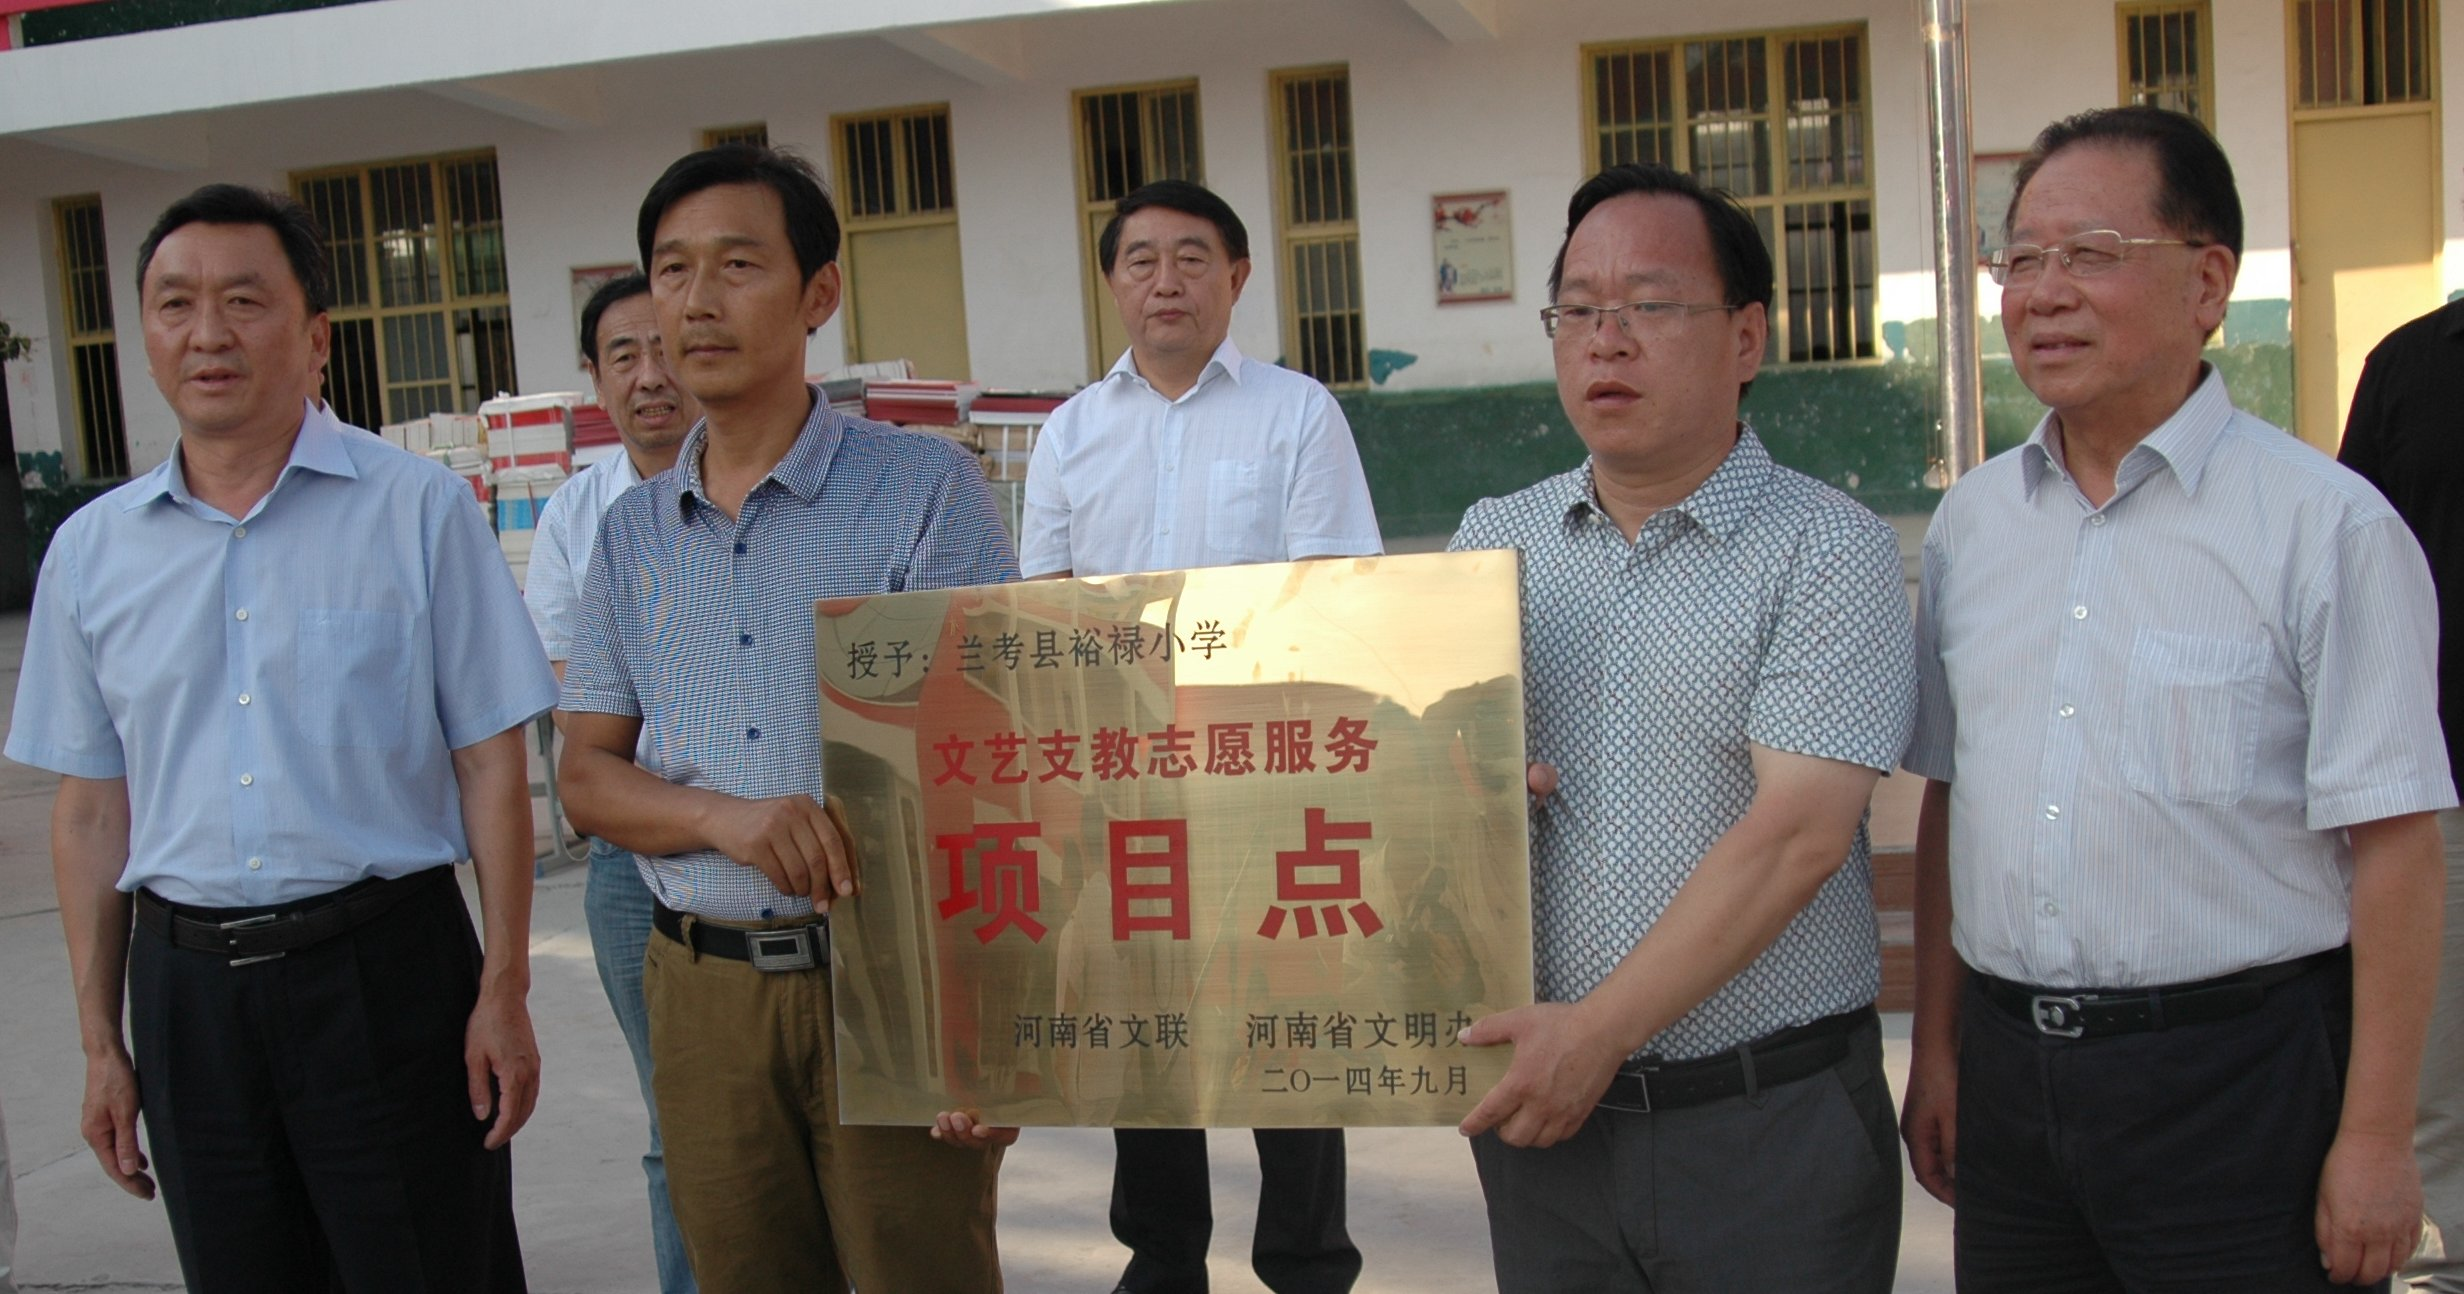 兰考县裕禄小学挂牌文艺支教志愿服务项目点